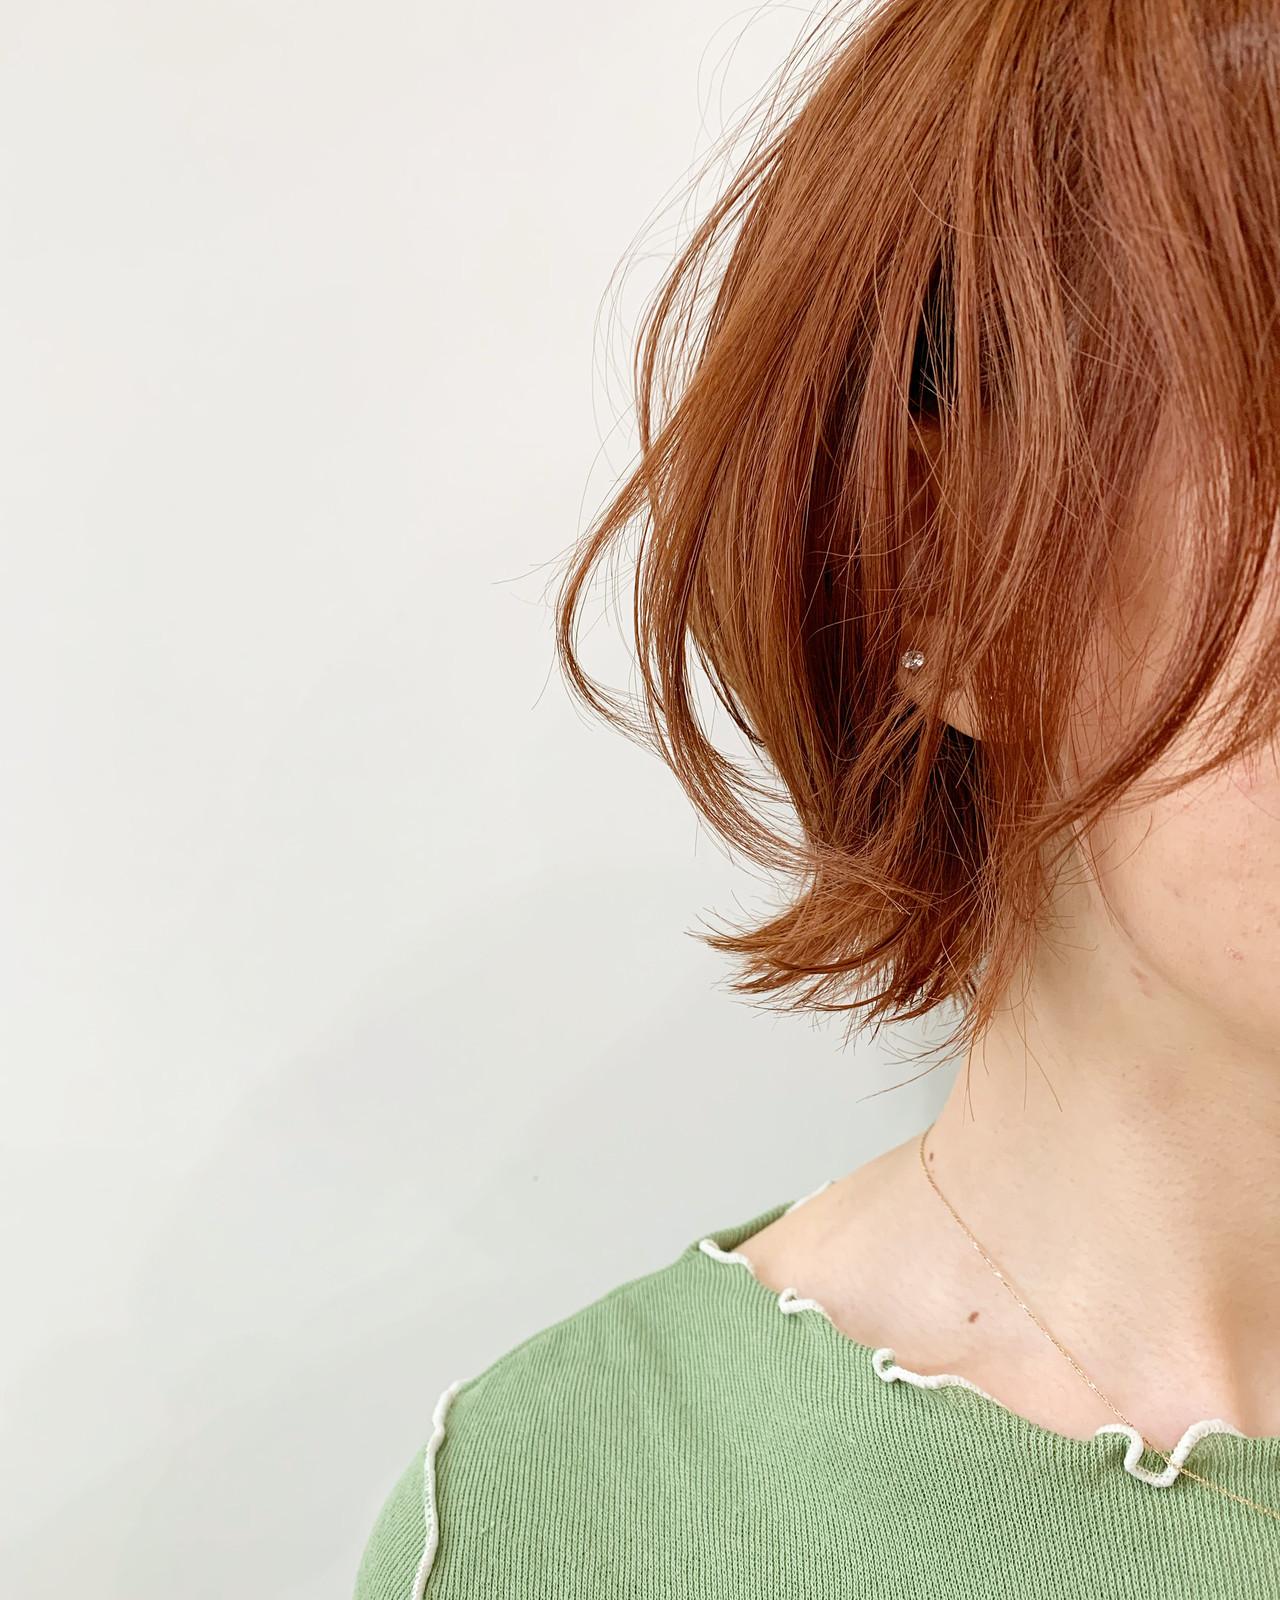 ナチュラル ウルフレイヤー アプリコットオレンジ オレンジブラウン ヘアスタイルや髪型の写真・画像